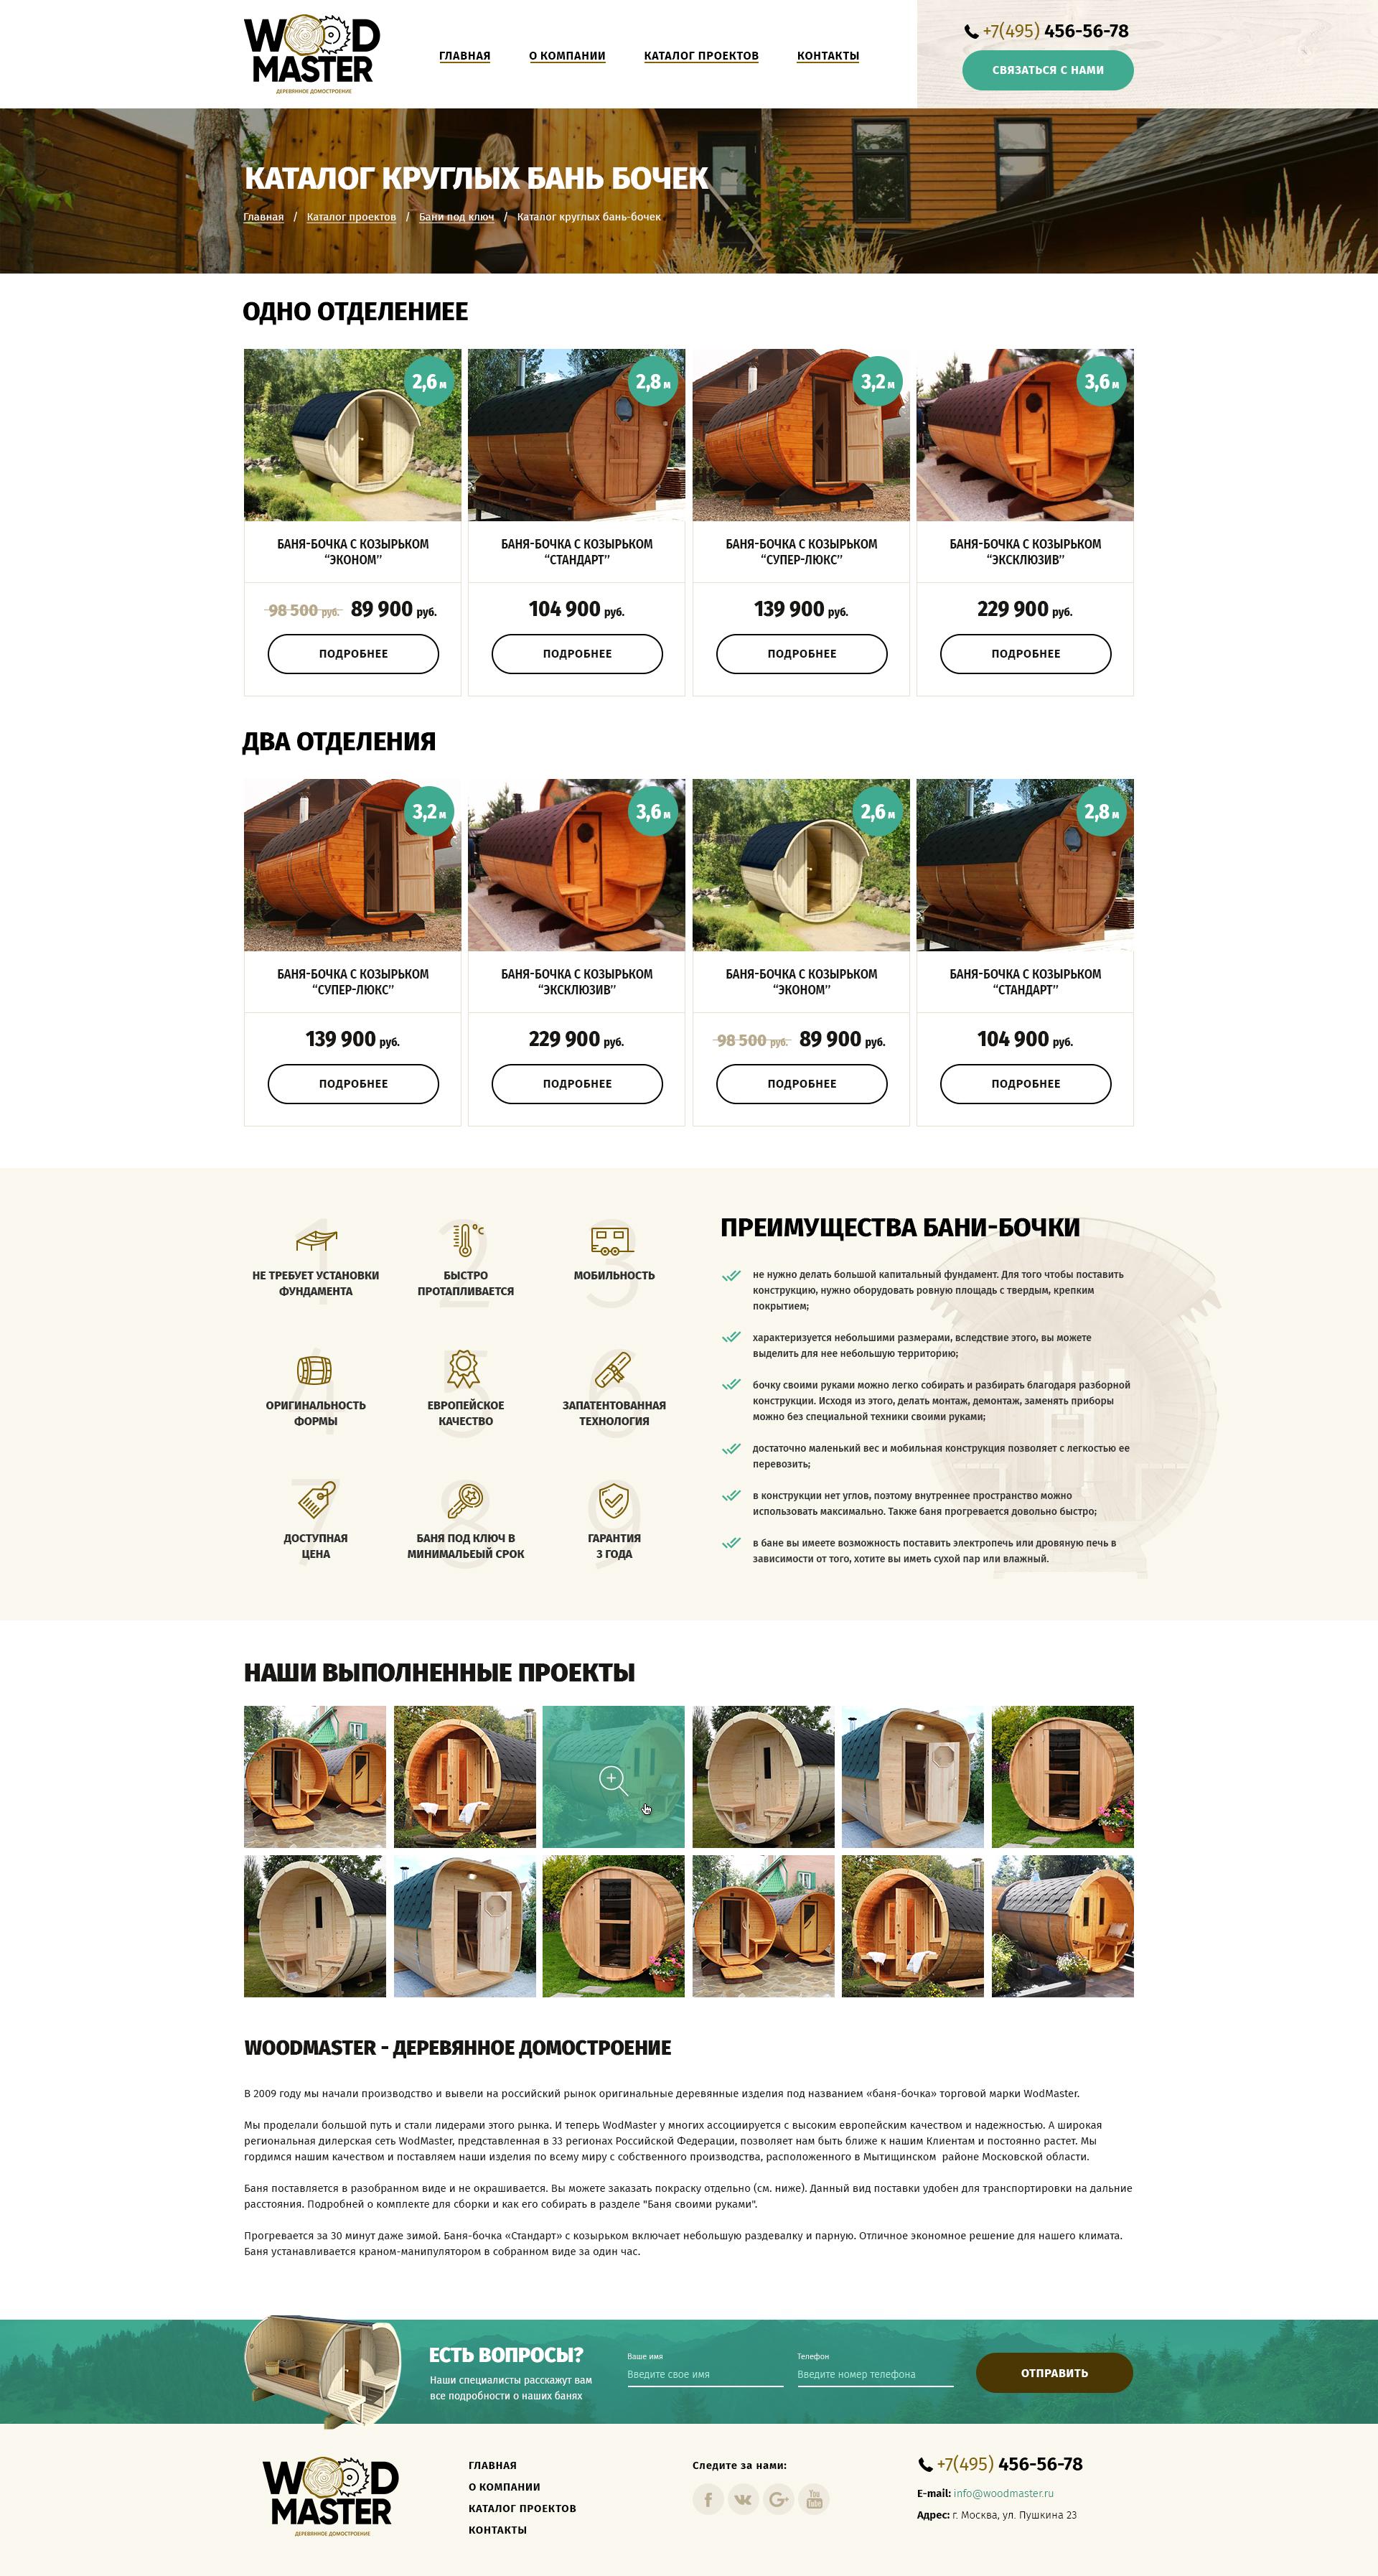 Woodmaster_katalog_subcategory